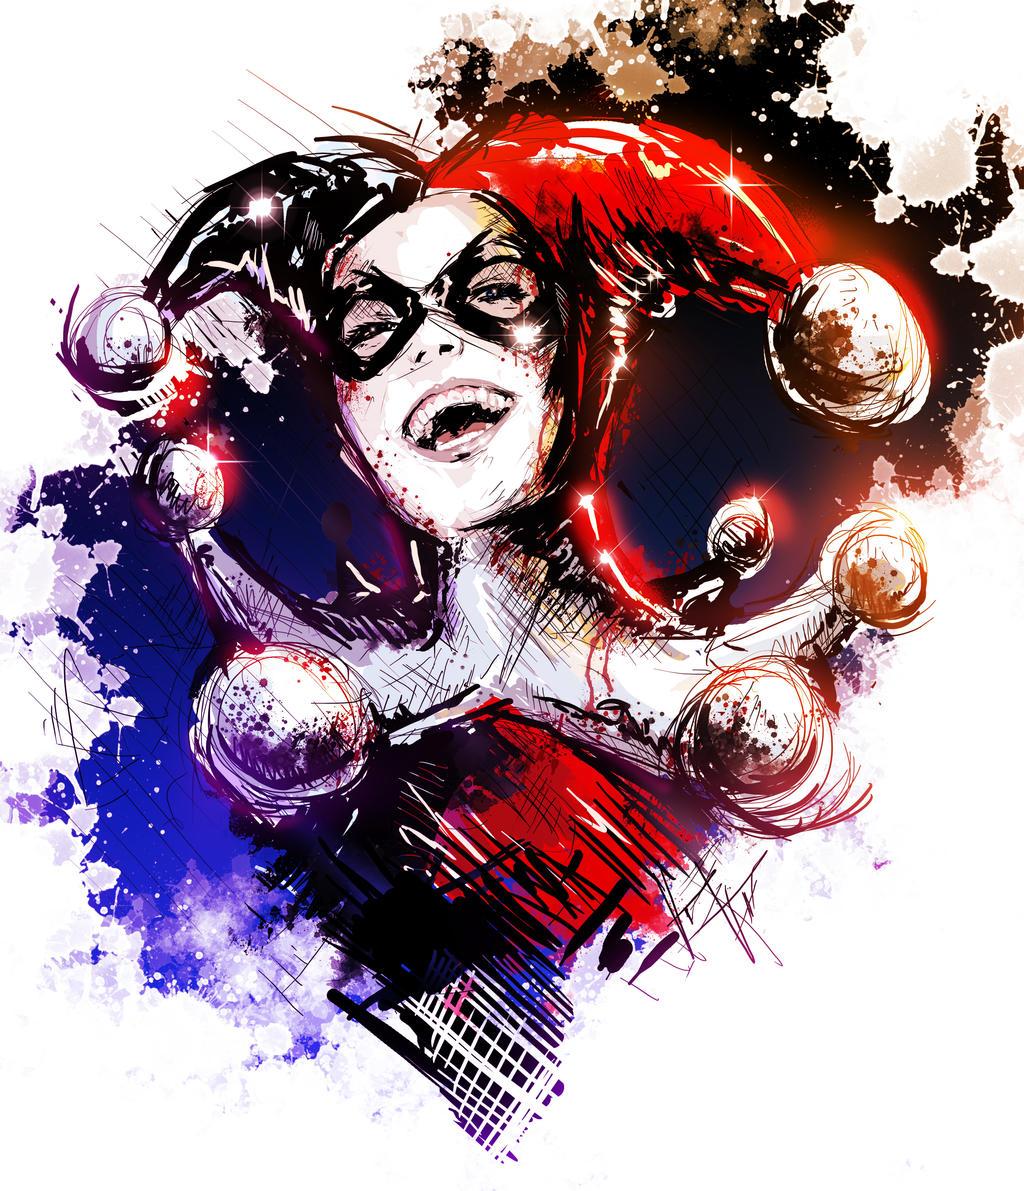 New Harley Quinn Sketch By VVernacatola On DeviantArt